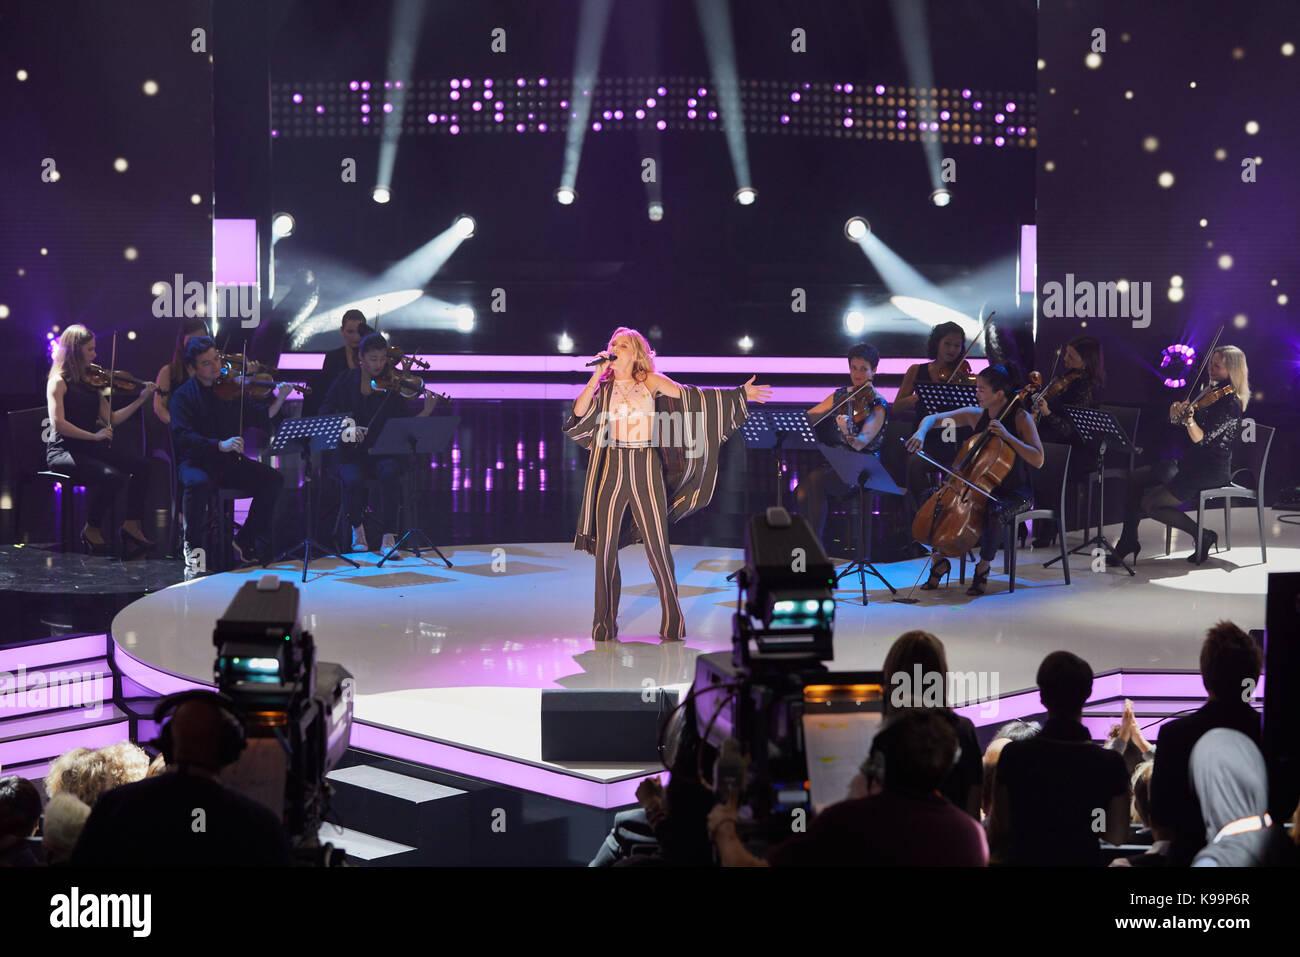 Zara Larsson y músicos durante la grabación del programa de televisión  nena  - nichts versaeumt  (lit.